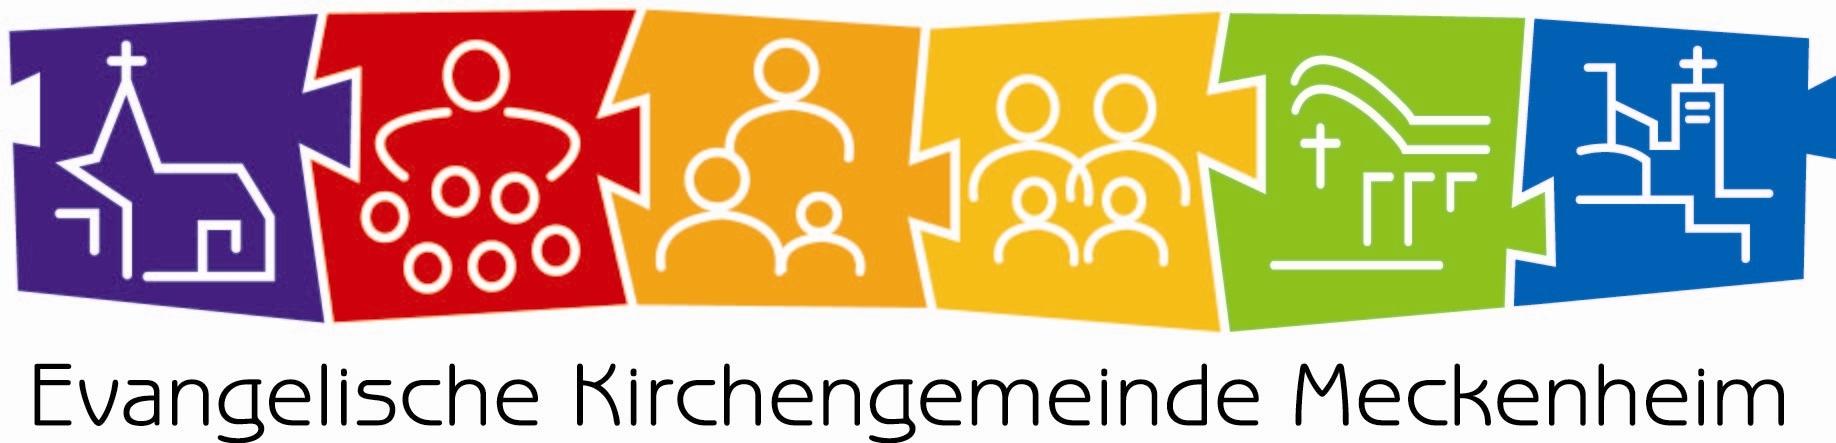 Wort-Bild-Marke der Evangelischen Kirchengemeinde Meckenheim